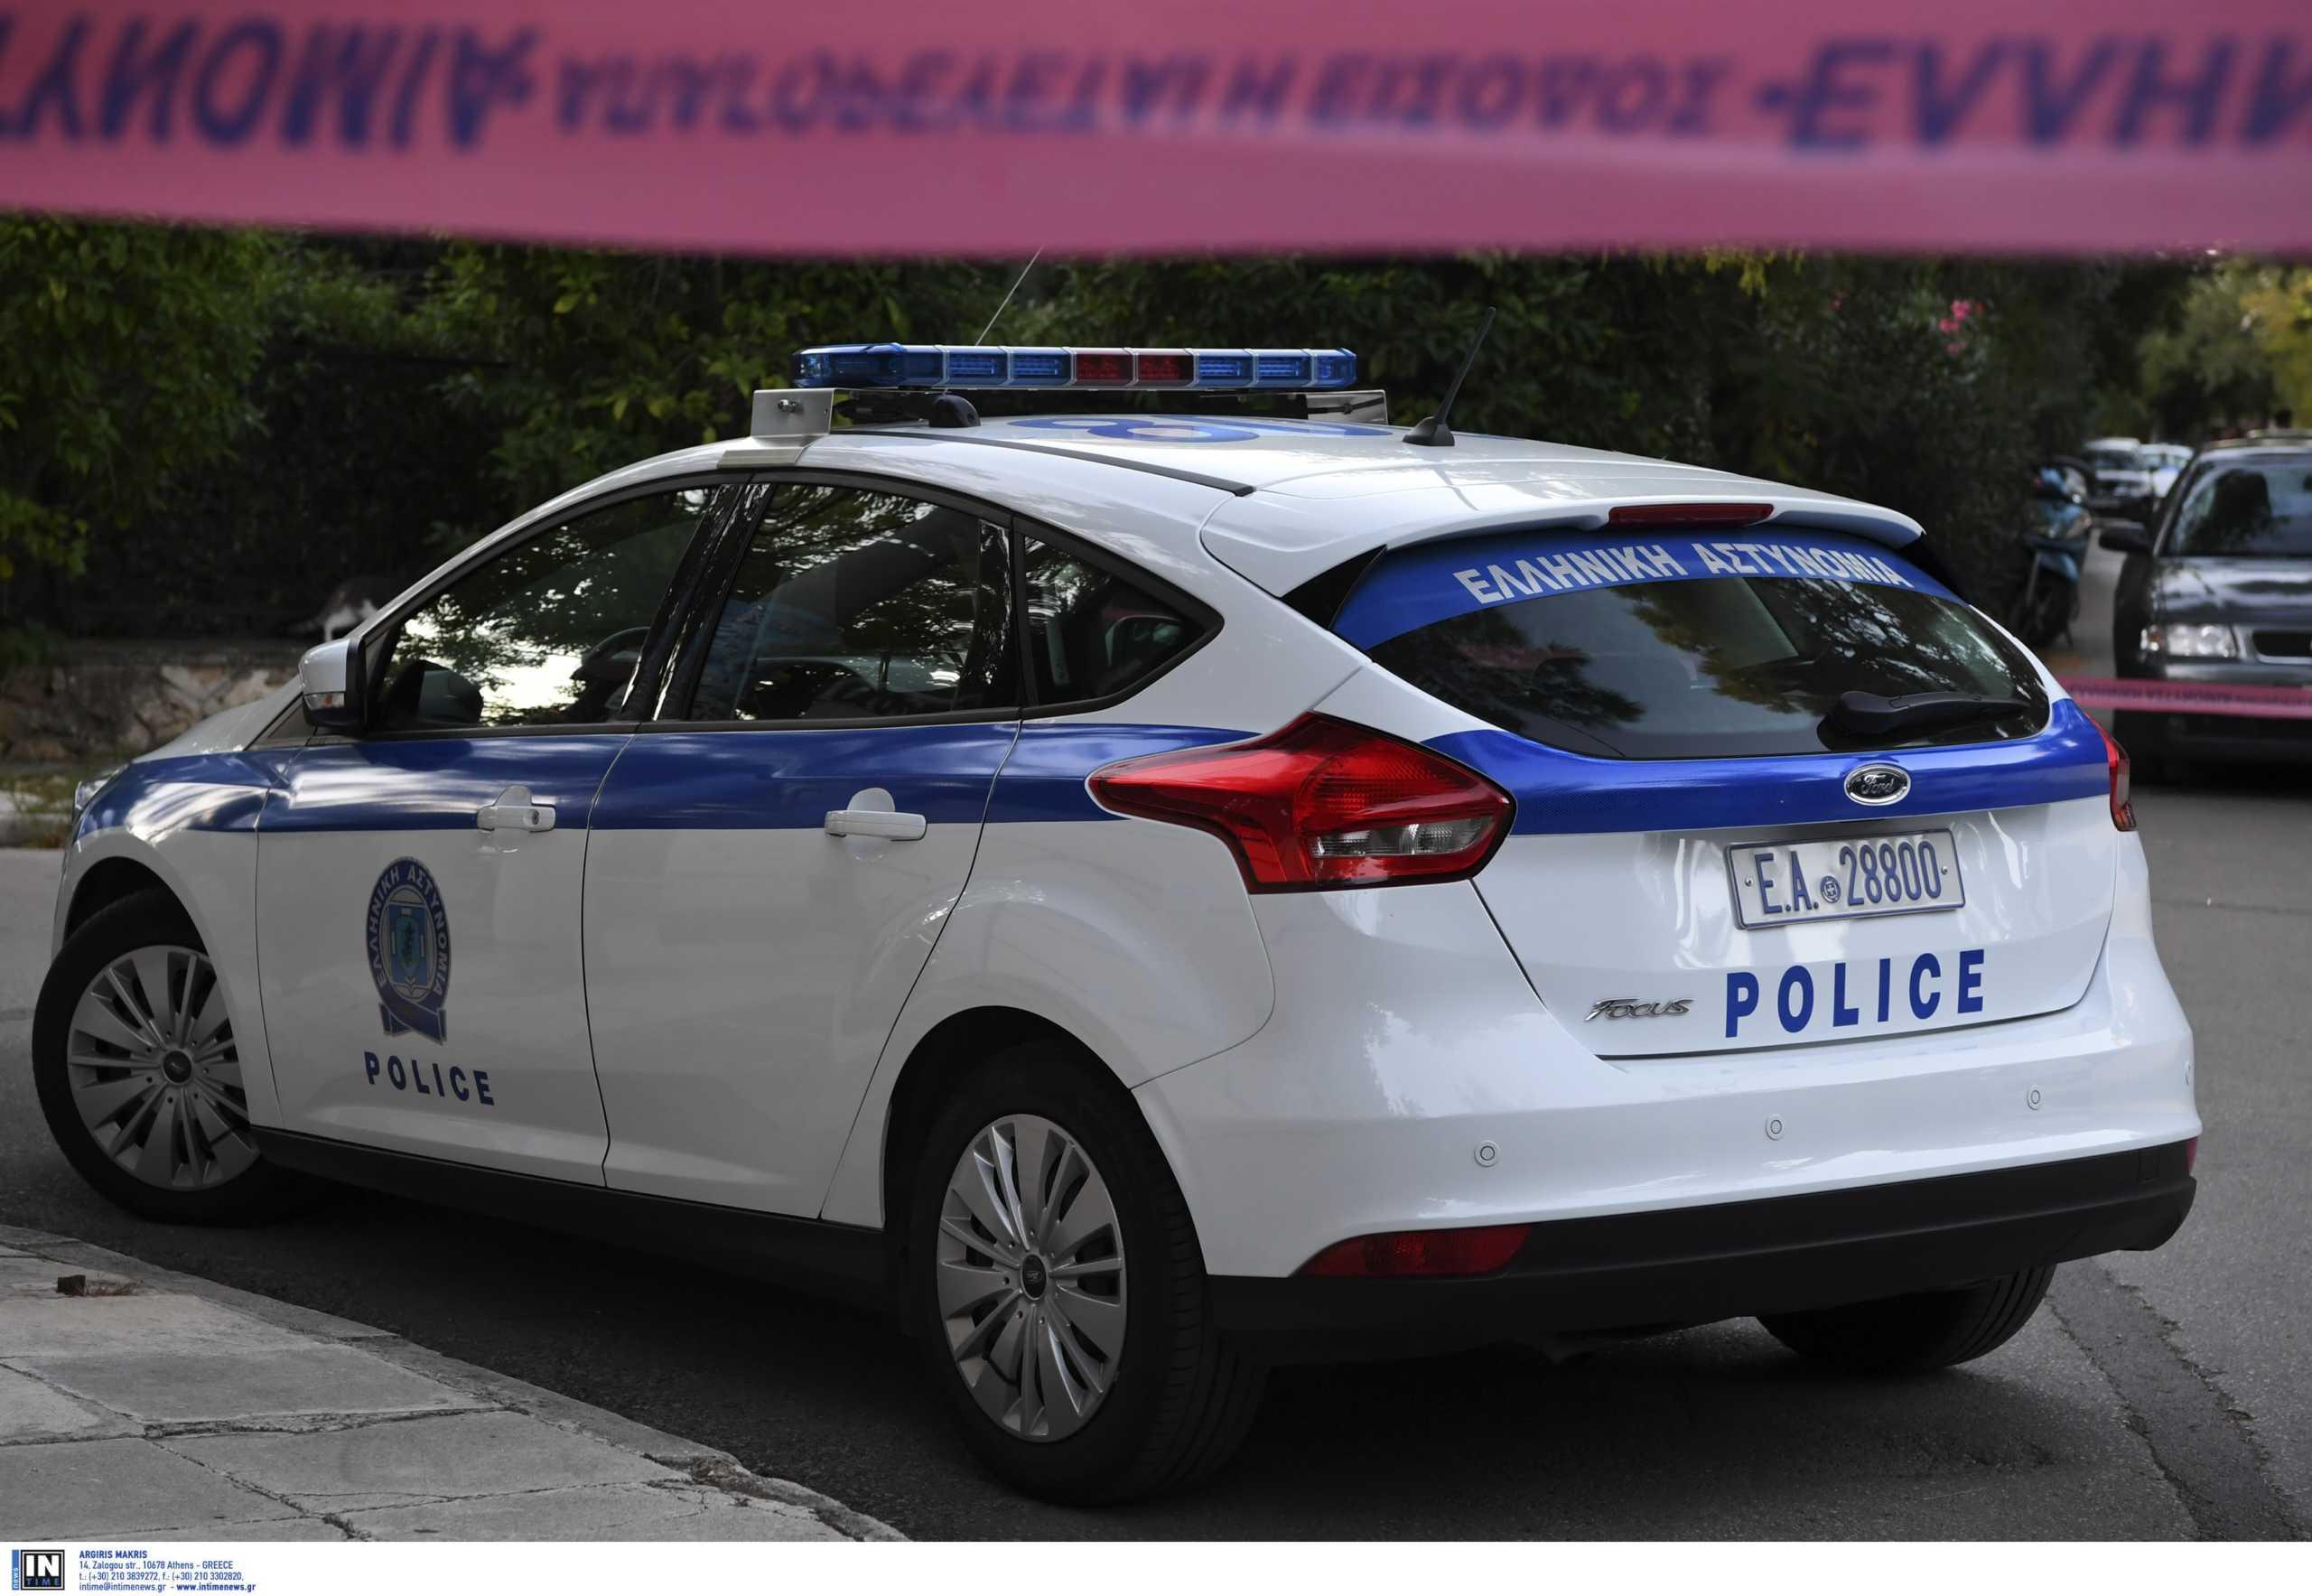 Νέα στοιχεία για τον πυροβολισμό έξω από το σπίτι πρώην υπουργού - Τι συνέβη με τον αστυνομικό